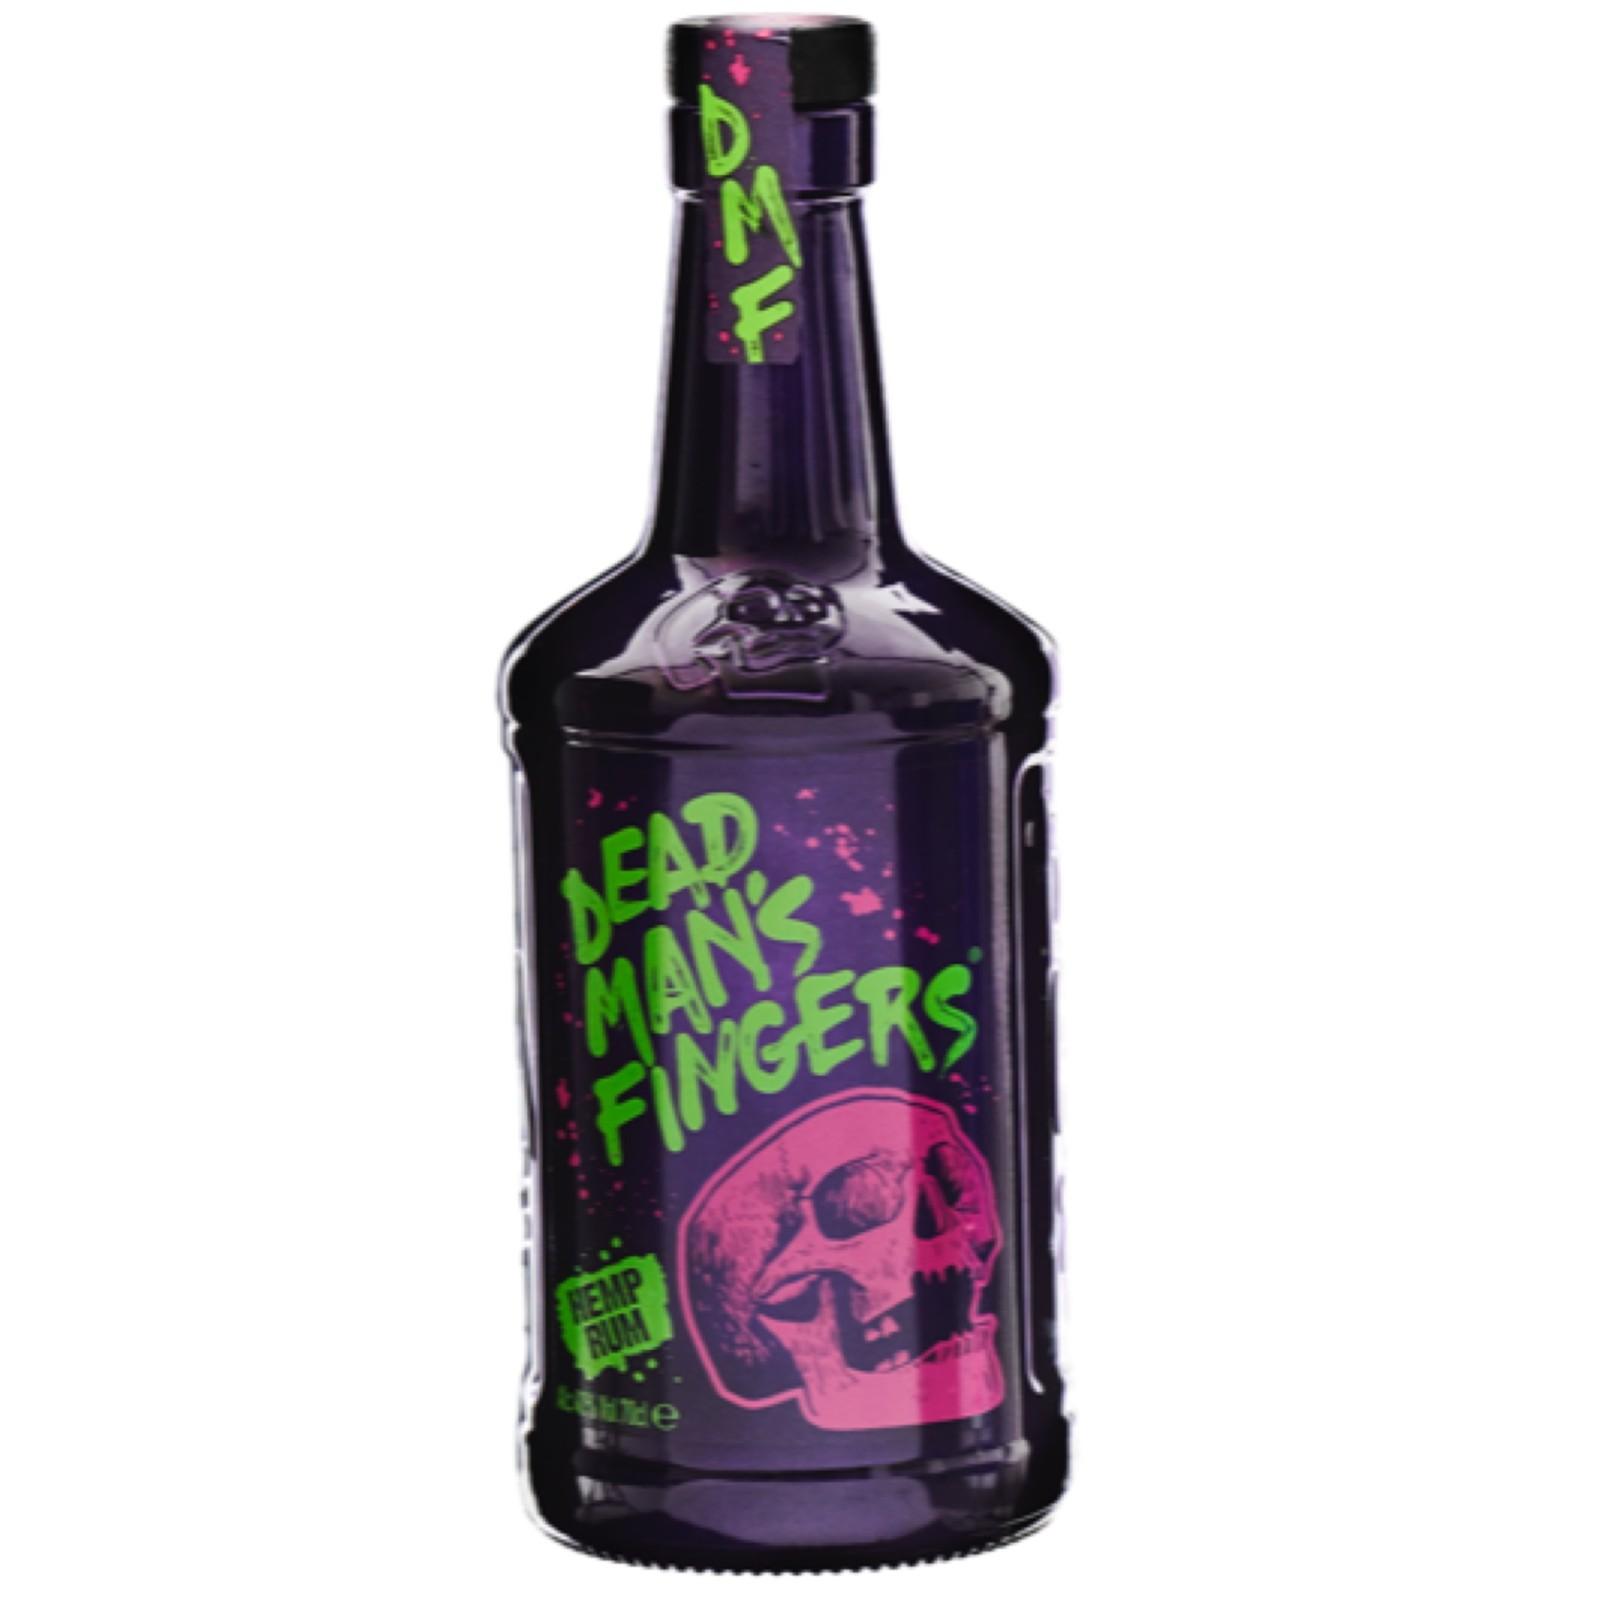 Dead Man's Fingers Hemp Rum 40% 700ml